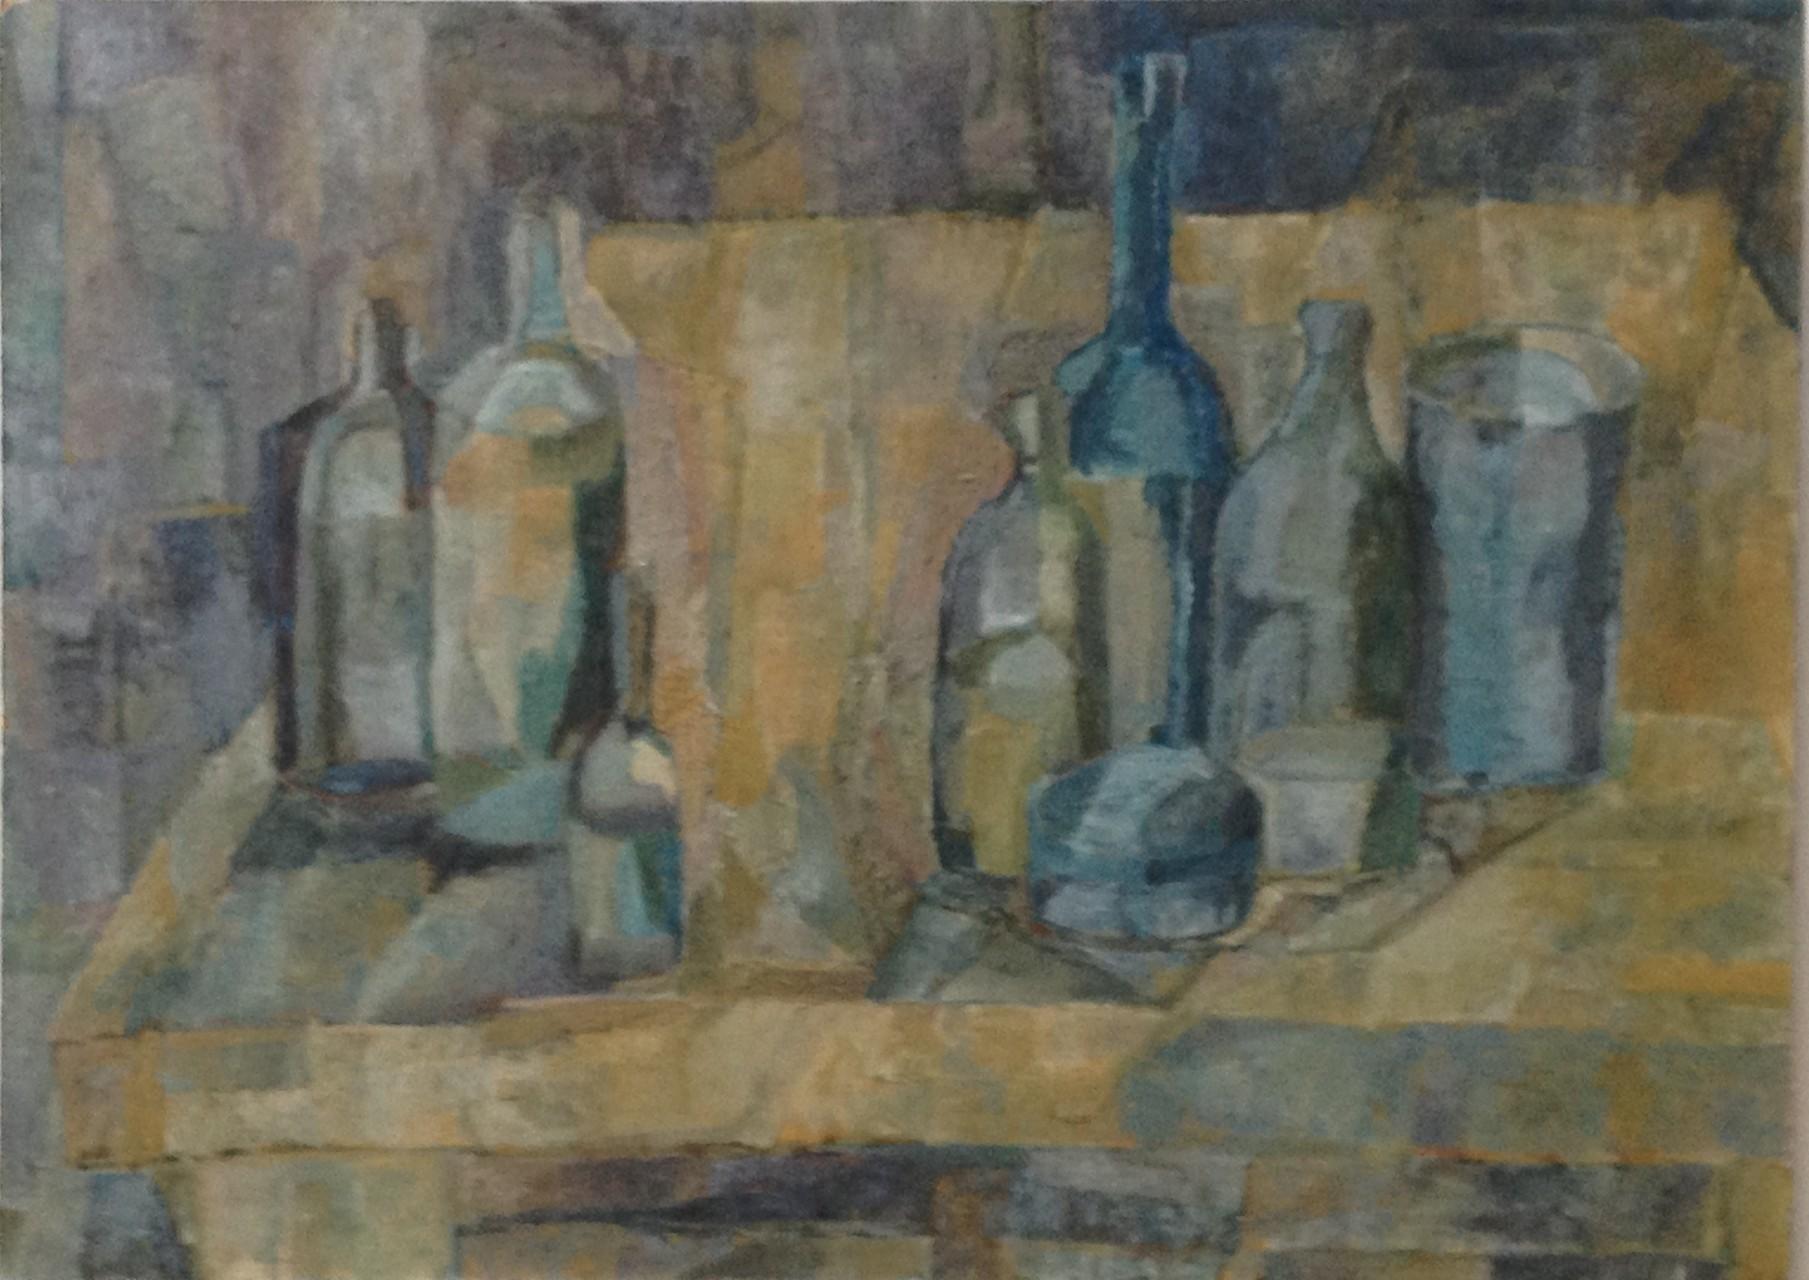 Stillleben,  Öl auf Hartfaser, 50 x 70 cm, 1960 (#610)